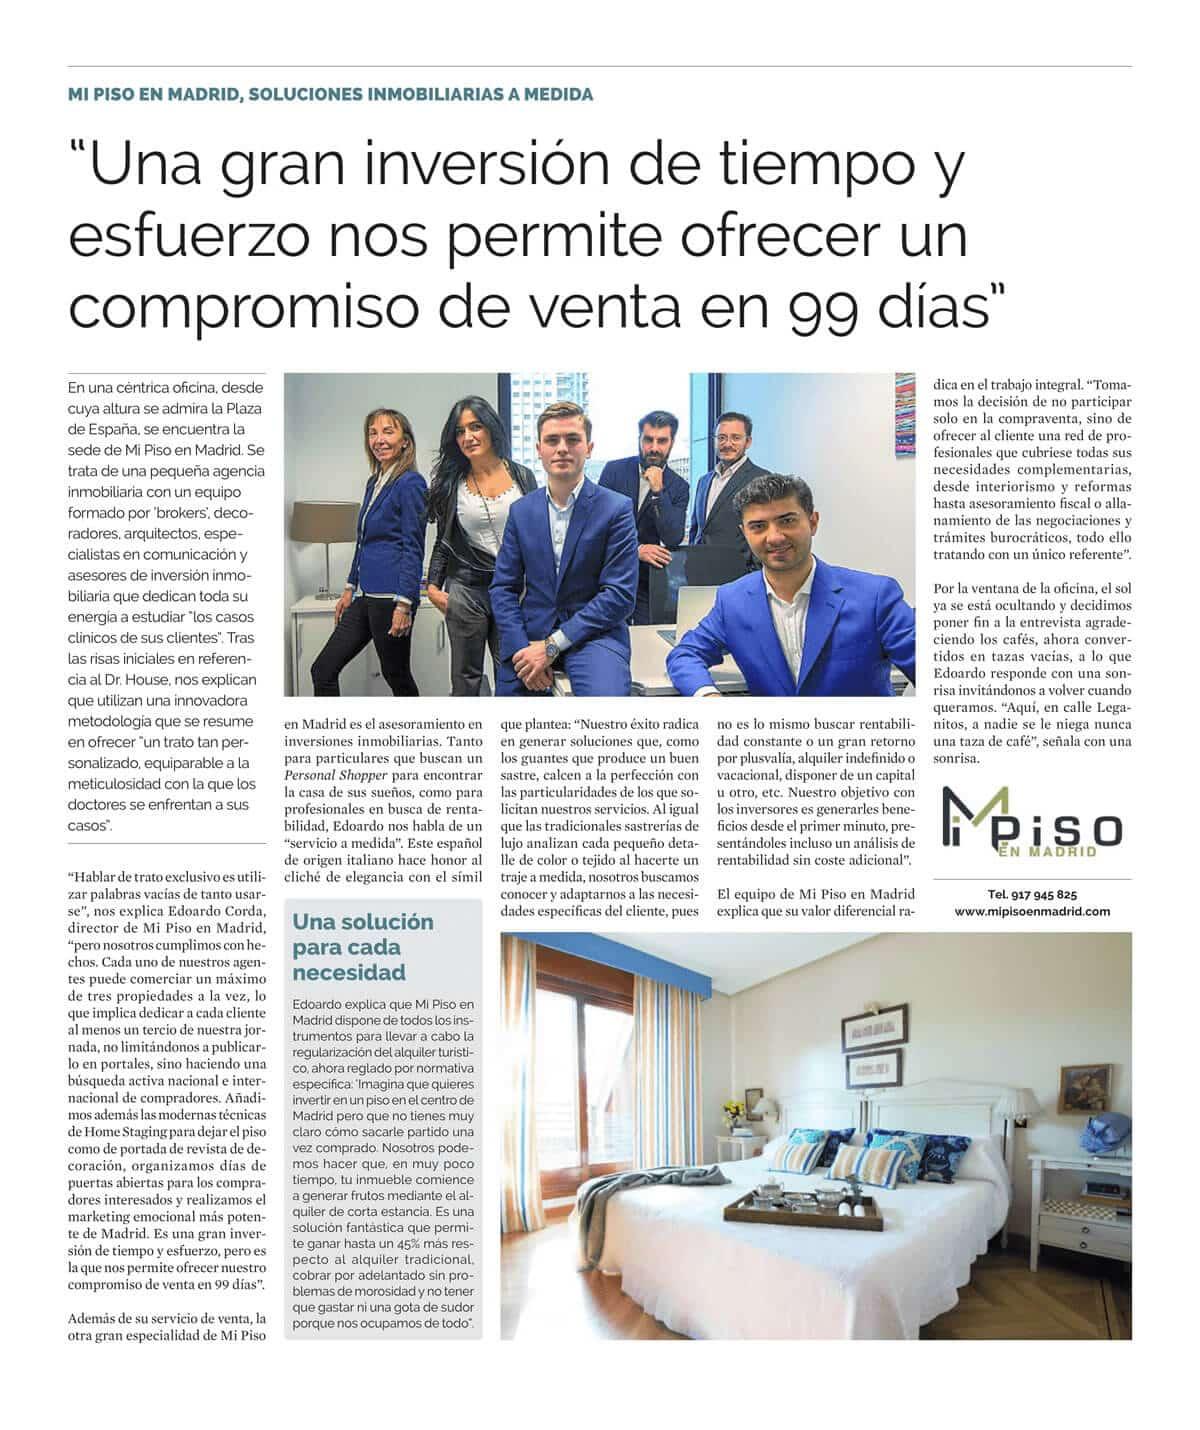 Artículo del periódico La Razón, Enero/2018.